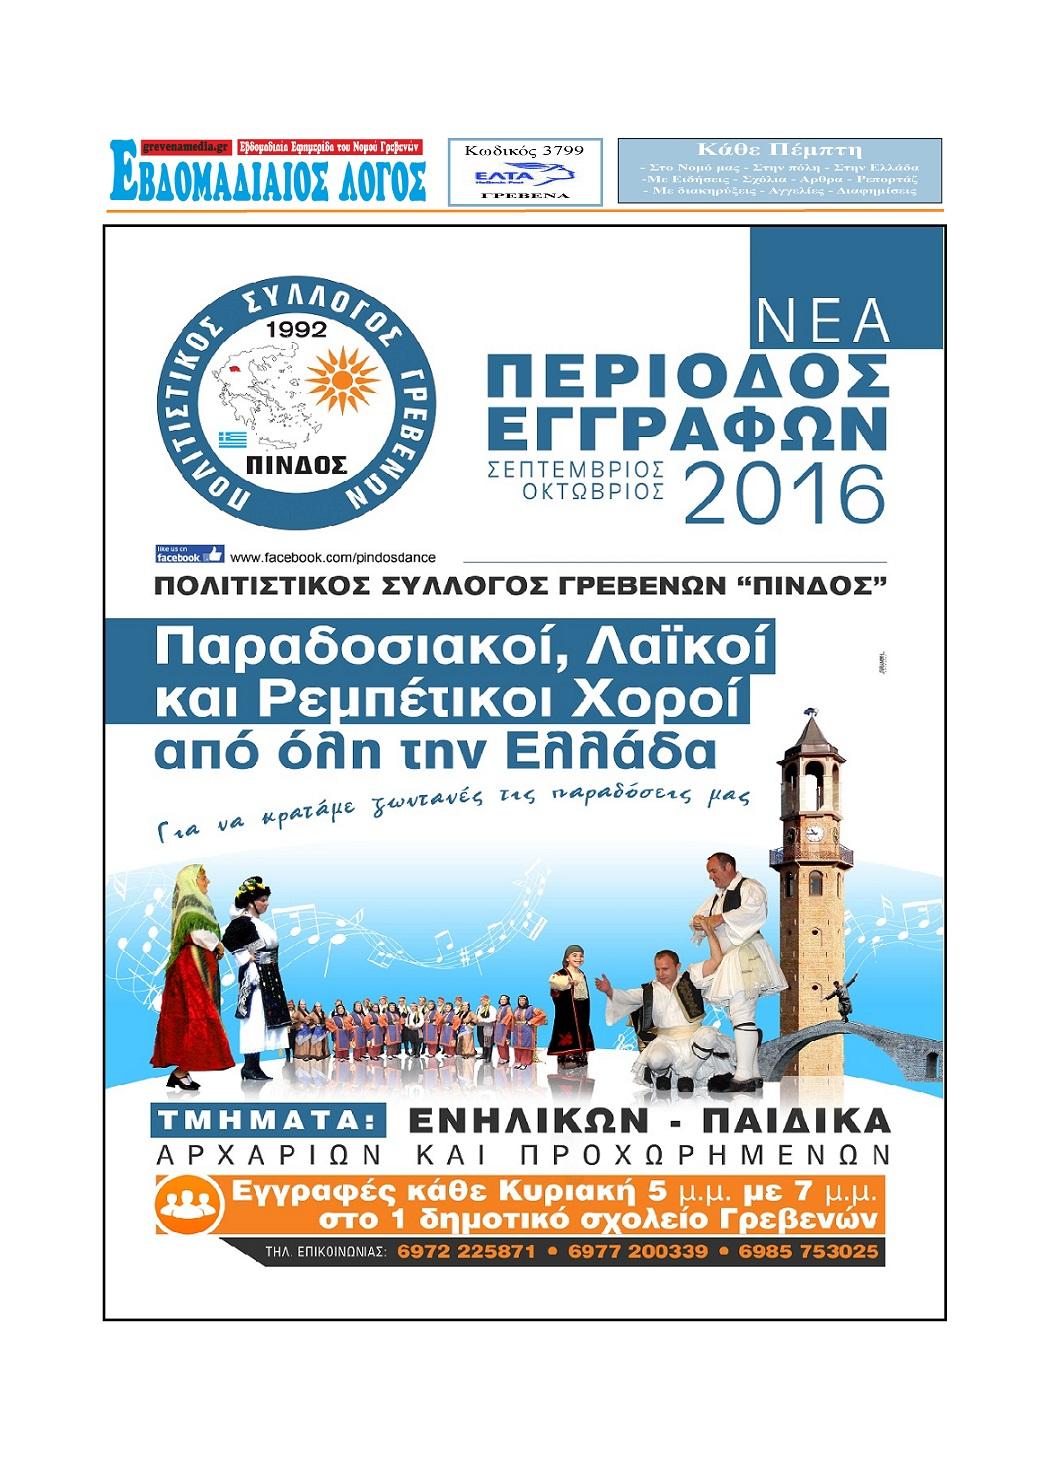 ΛΟΓΟΣ 12-1-2017_ΛΟΓΟΣ 5 Μαϊου(1)